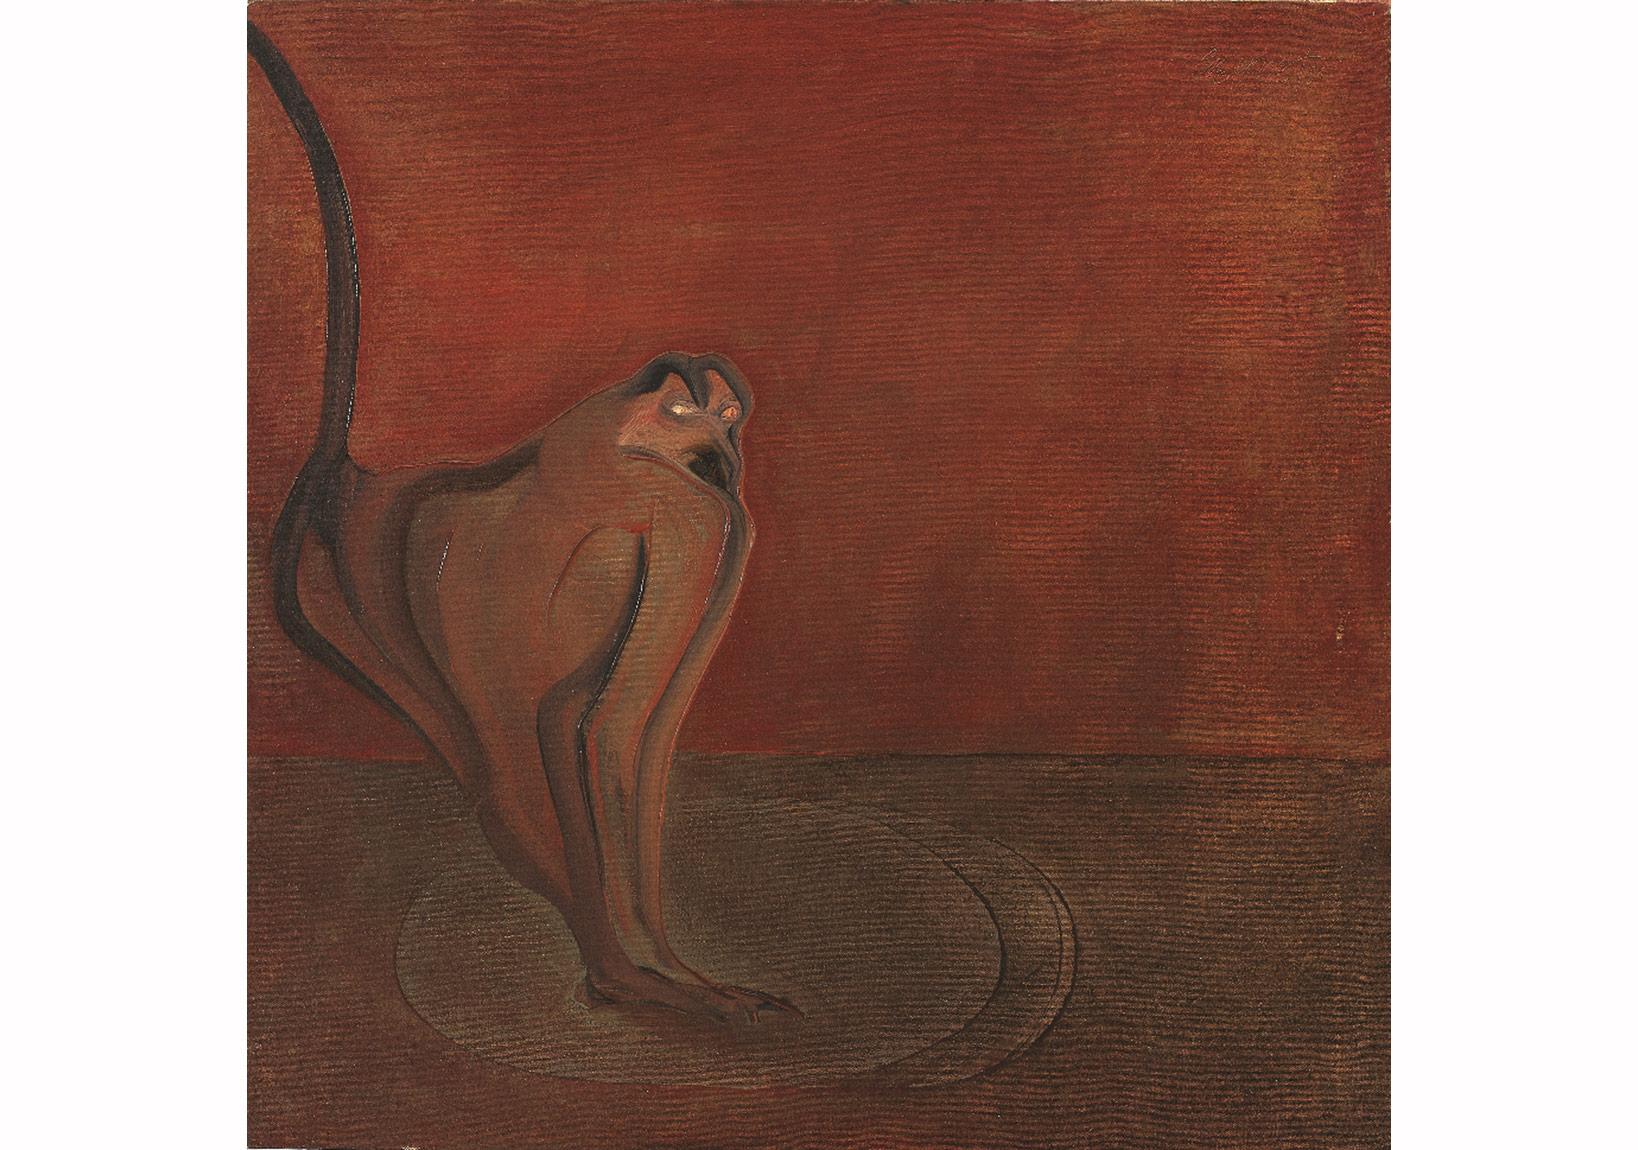 Kırmızı Duvar Önünde,Tuval üzerine yağlıboya,76,5 x 76,5 cm,Sanatçı Koleksiyonu